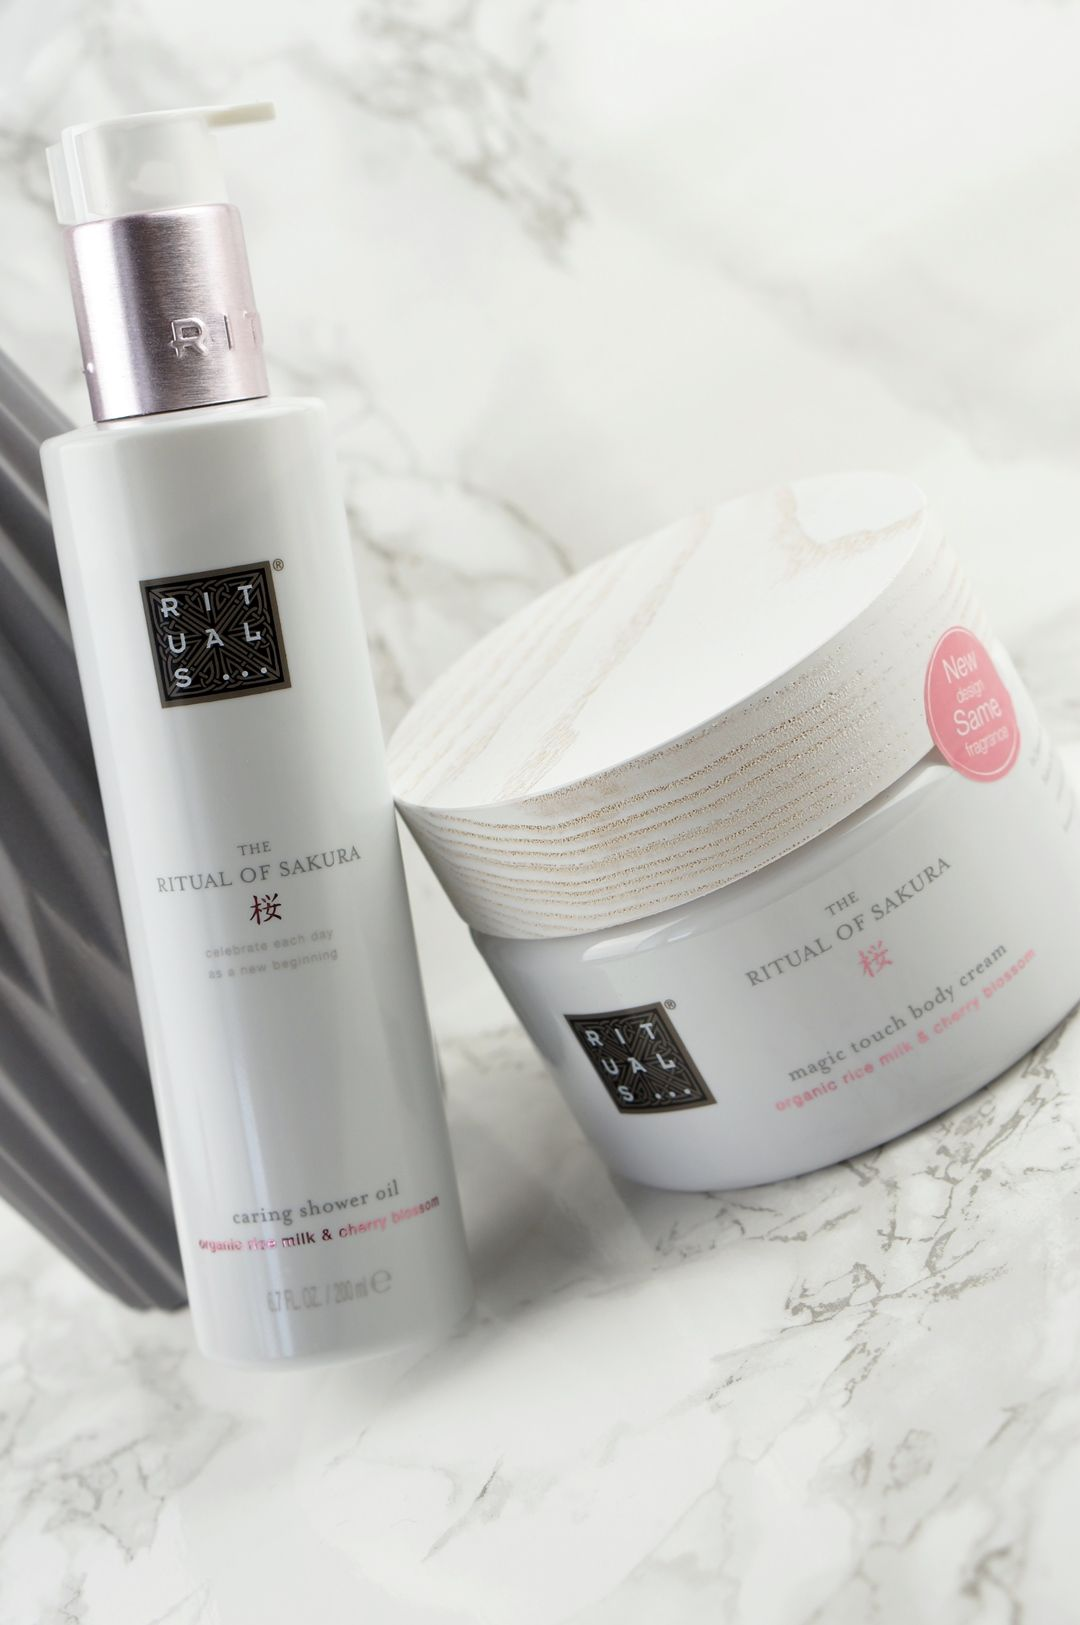 112f5165b90c Rituals, The Ritual of Sakura Body Cream & Shower Oil | Skincare in ...